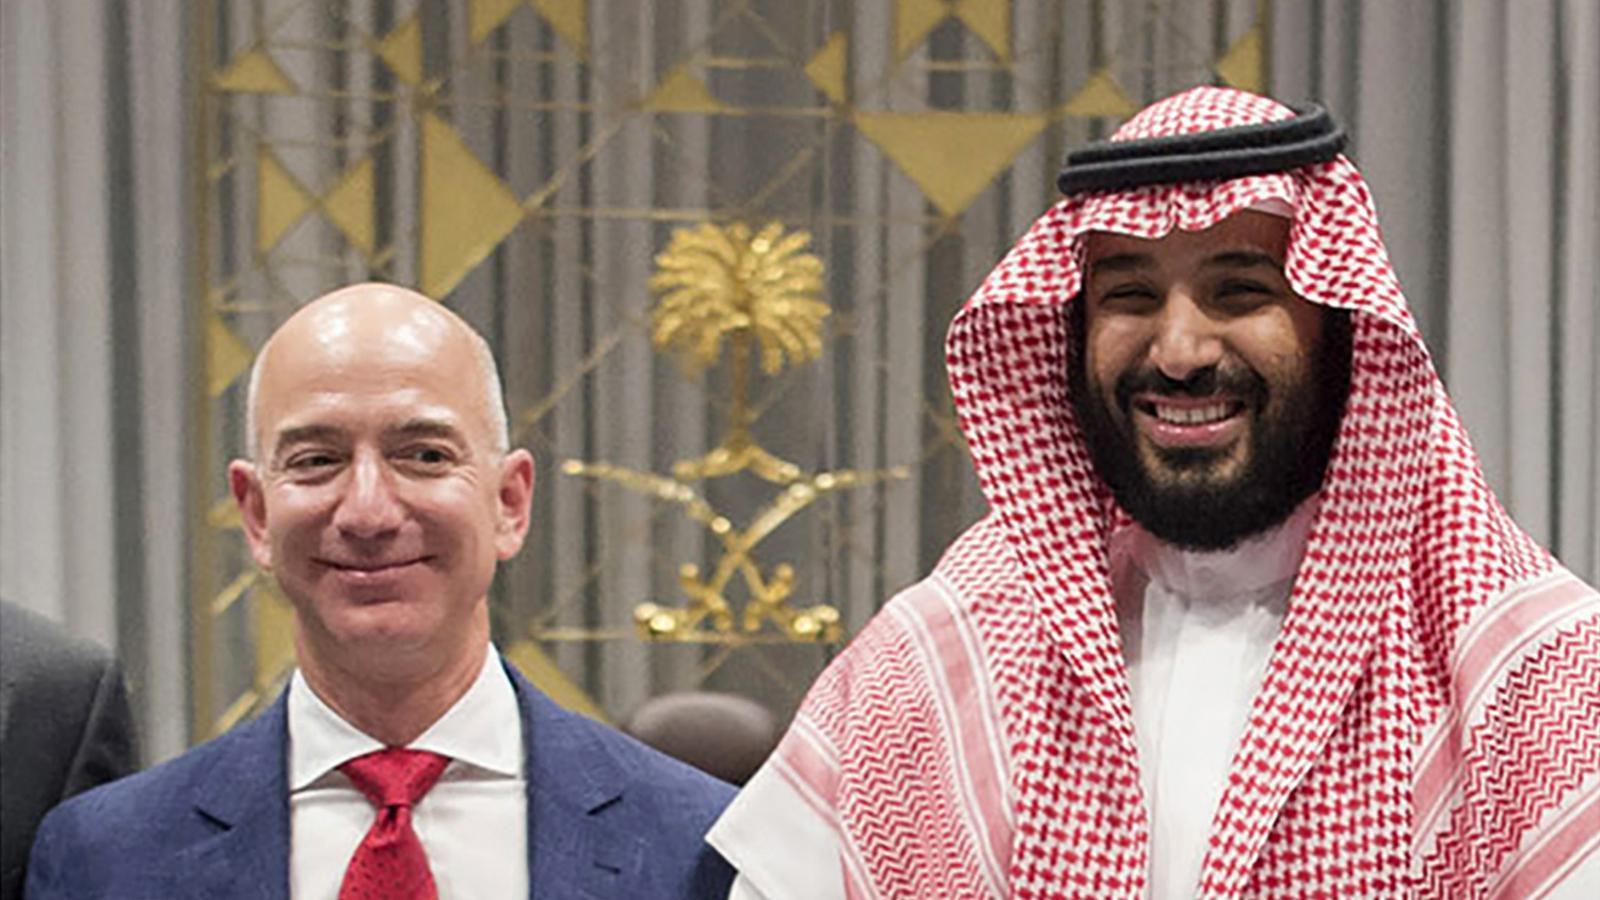 Jeff Bezos i el príncep Mohamed Bin Salman, en una imatge presa a Riad el novembre del 2016